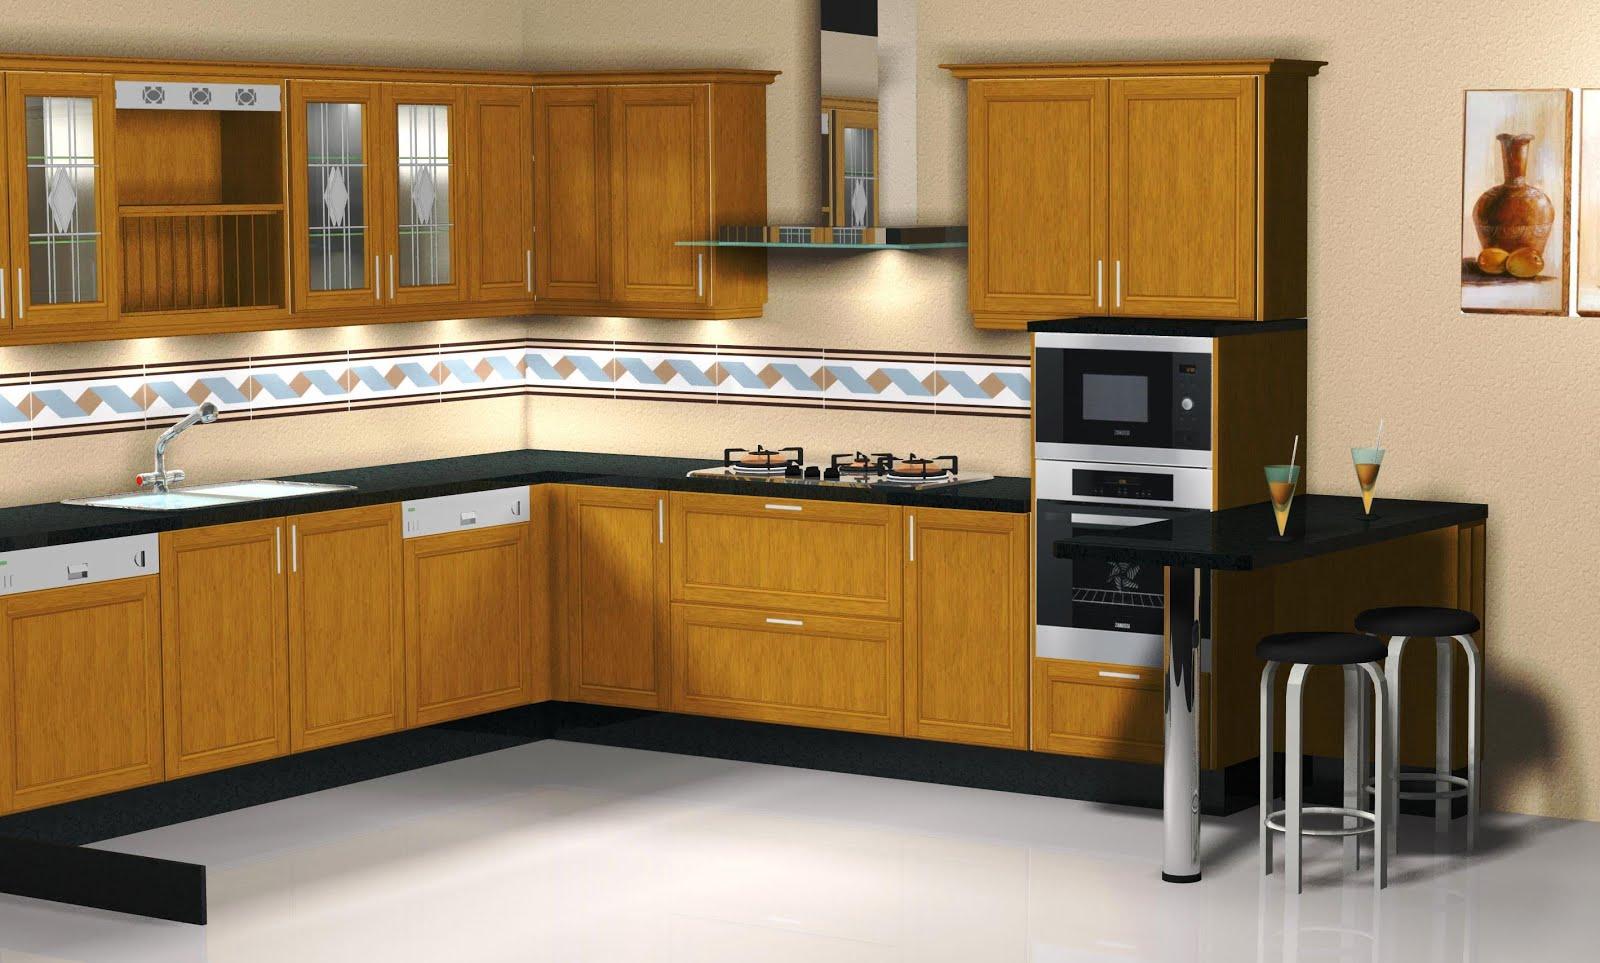 Otra vista de la cocina de roble